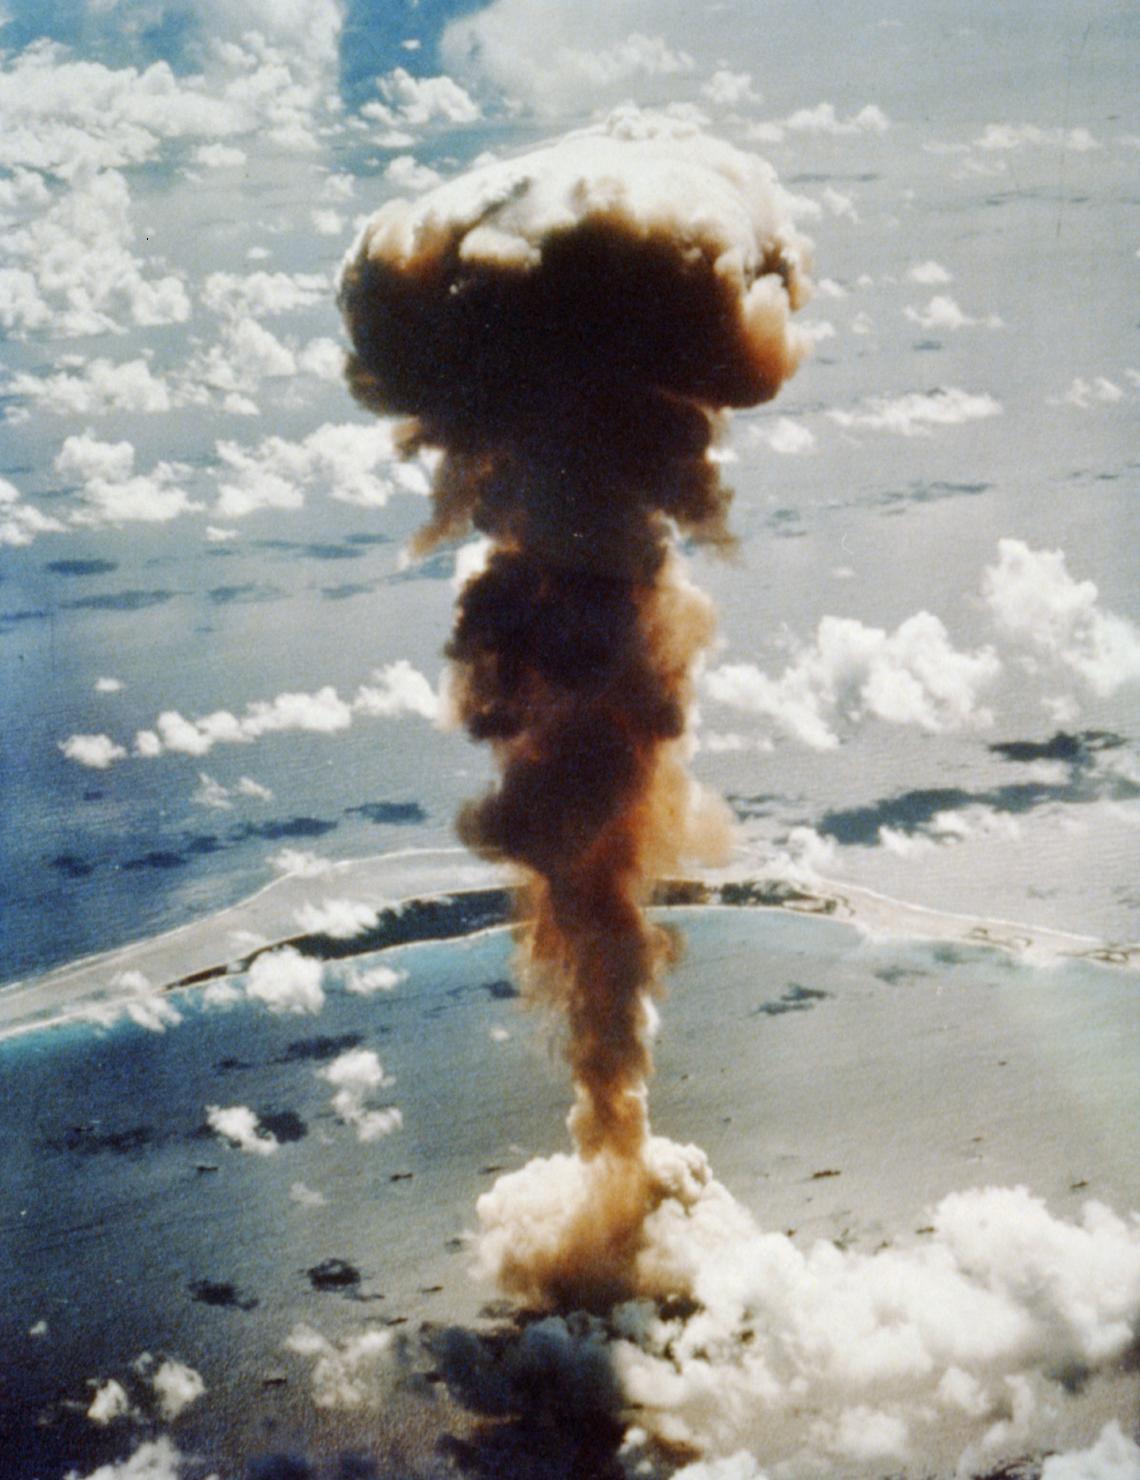 Opinie: België moet pleiten voor verbod kernwapens